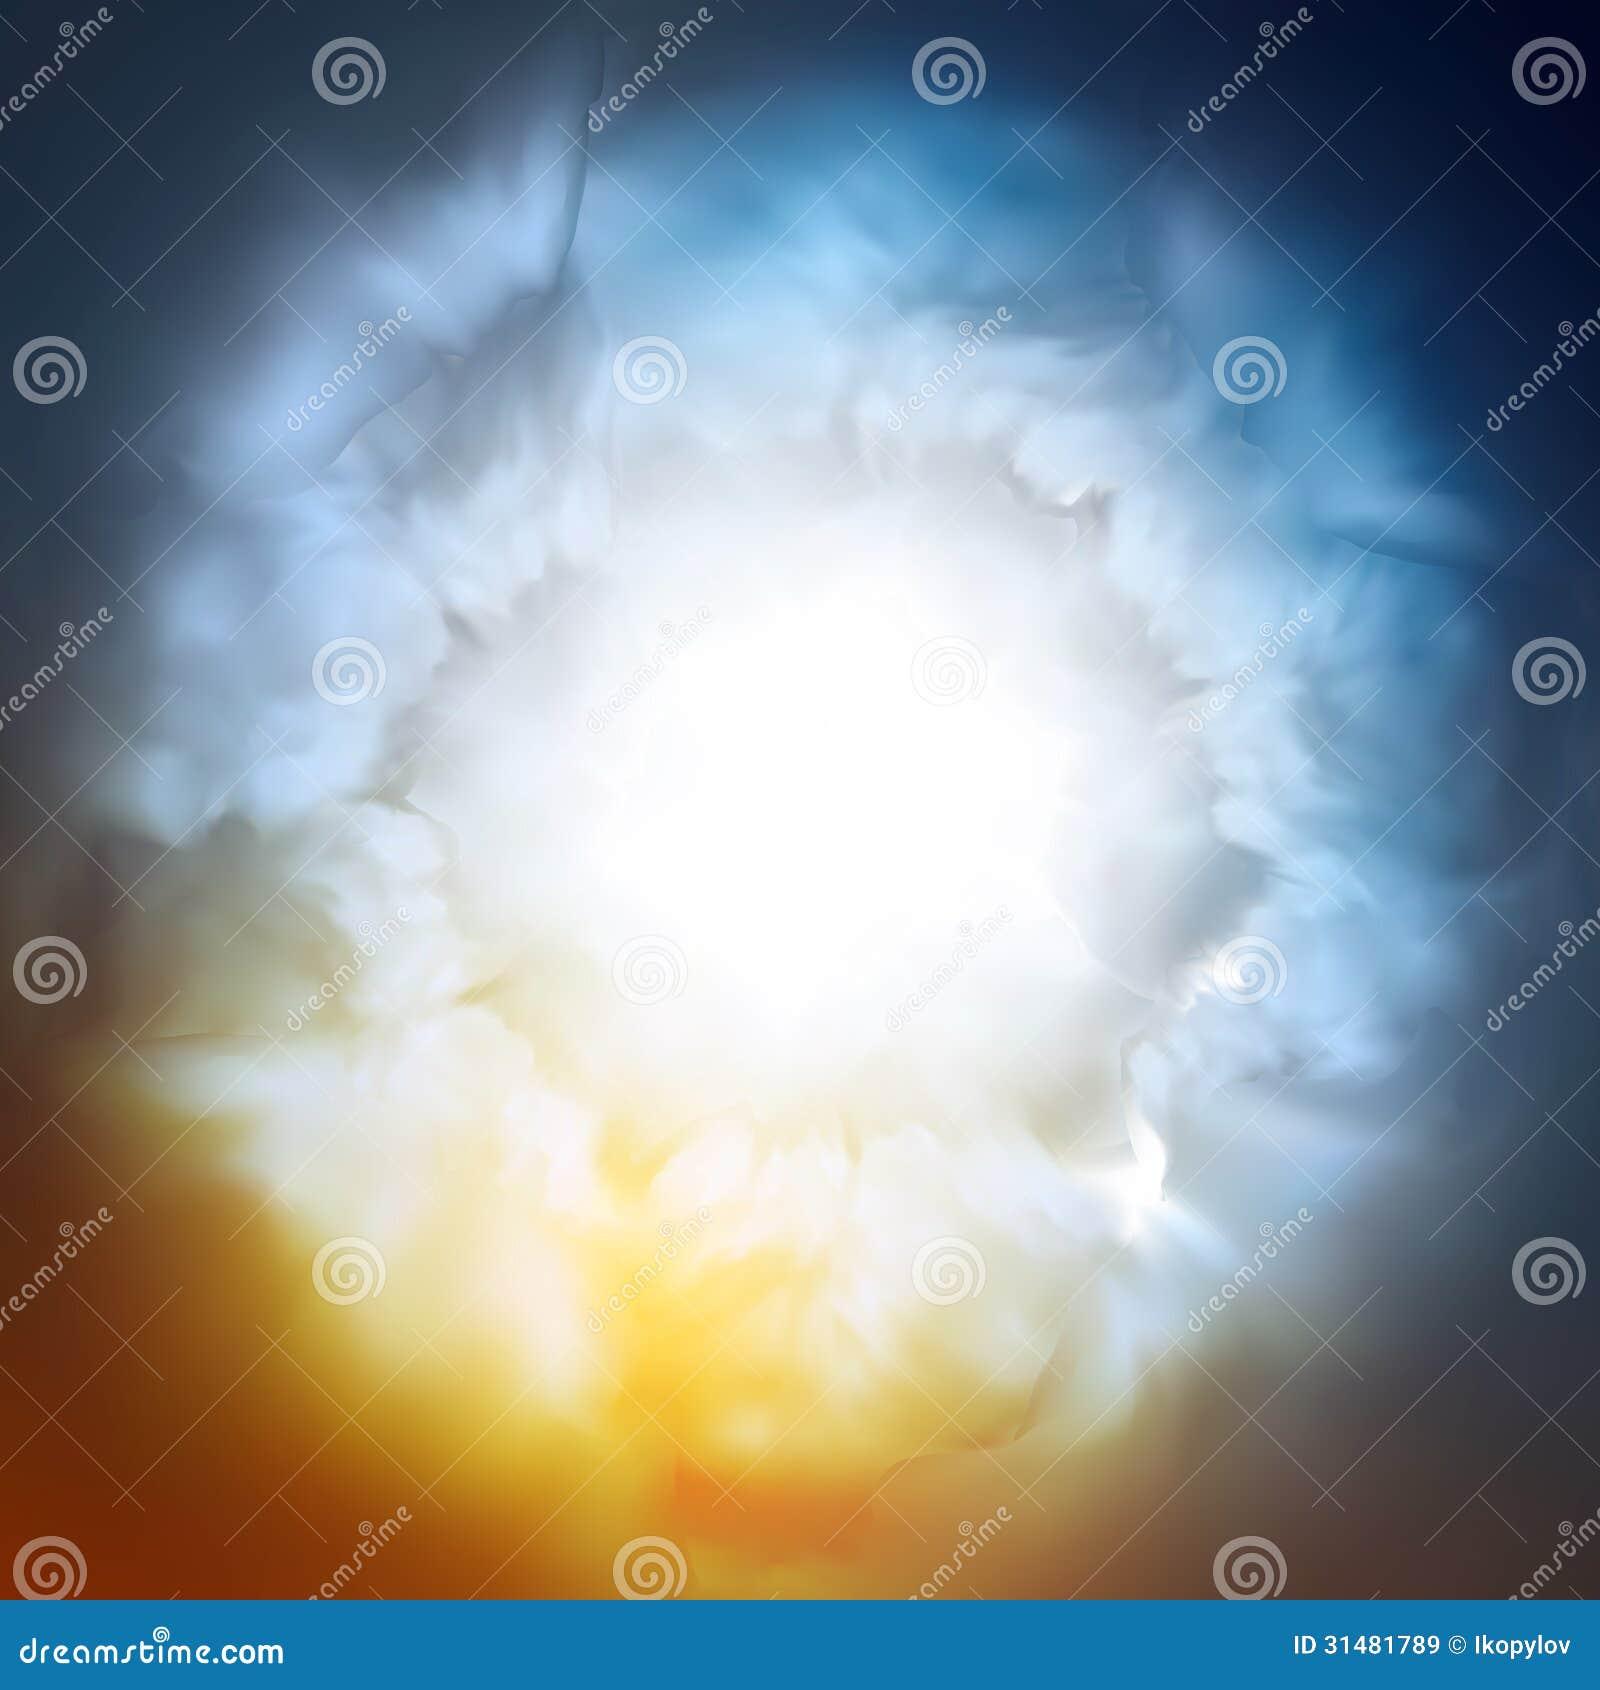 Fondo abstracto, el cielo divino